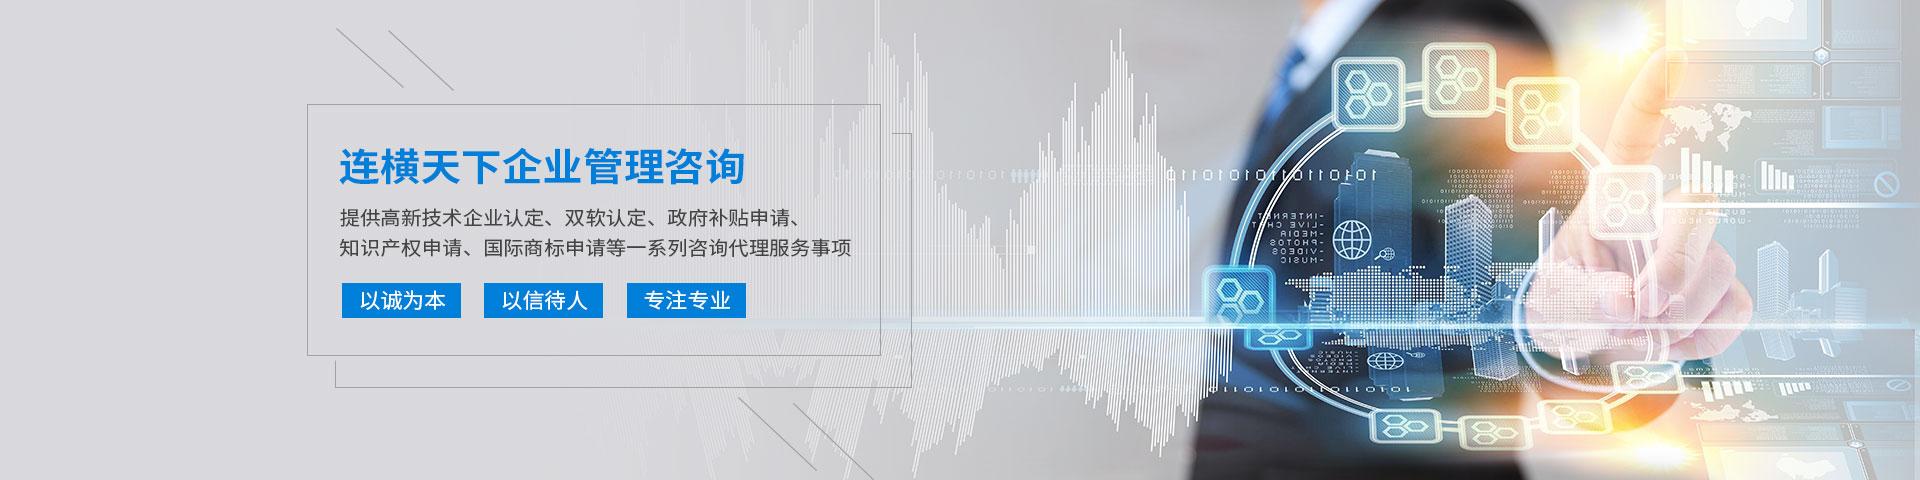 深圳市连横天下米乐m6电竞管理咨询有限公司